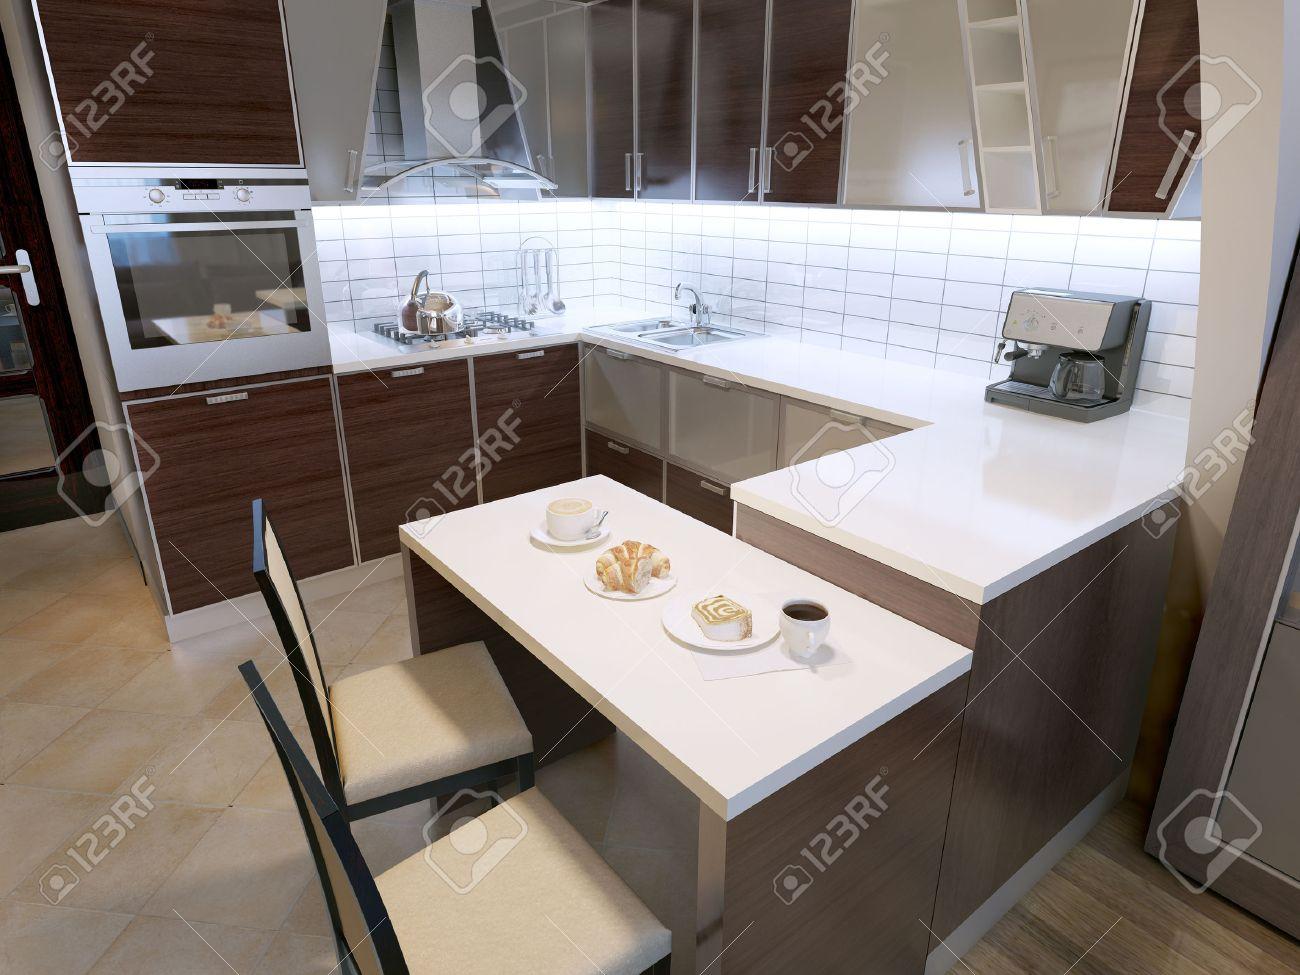 Diseño De La Cocina Zebrano Moderno. Cocina Elegante Con Barra ...